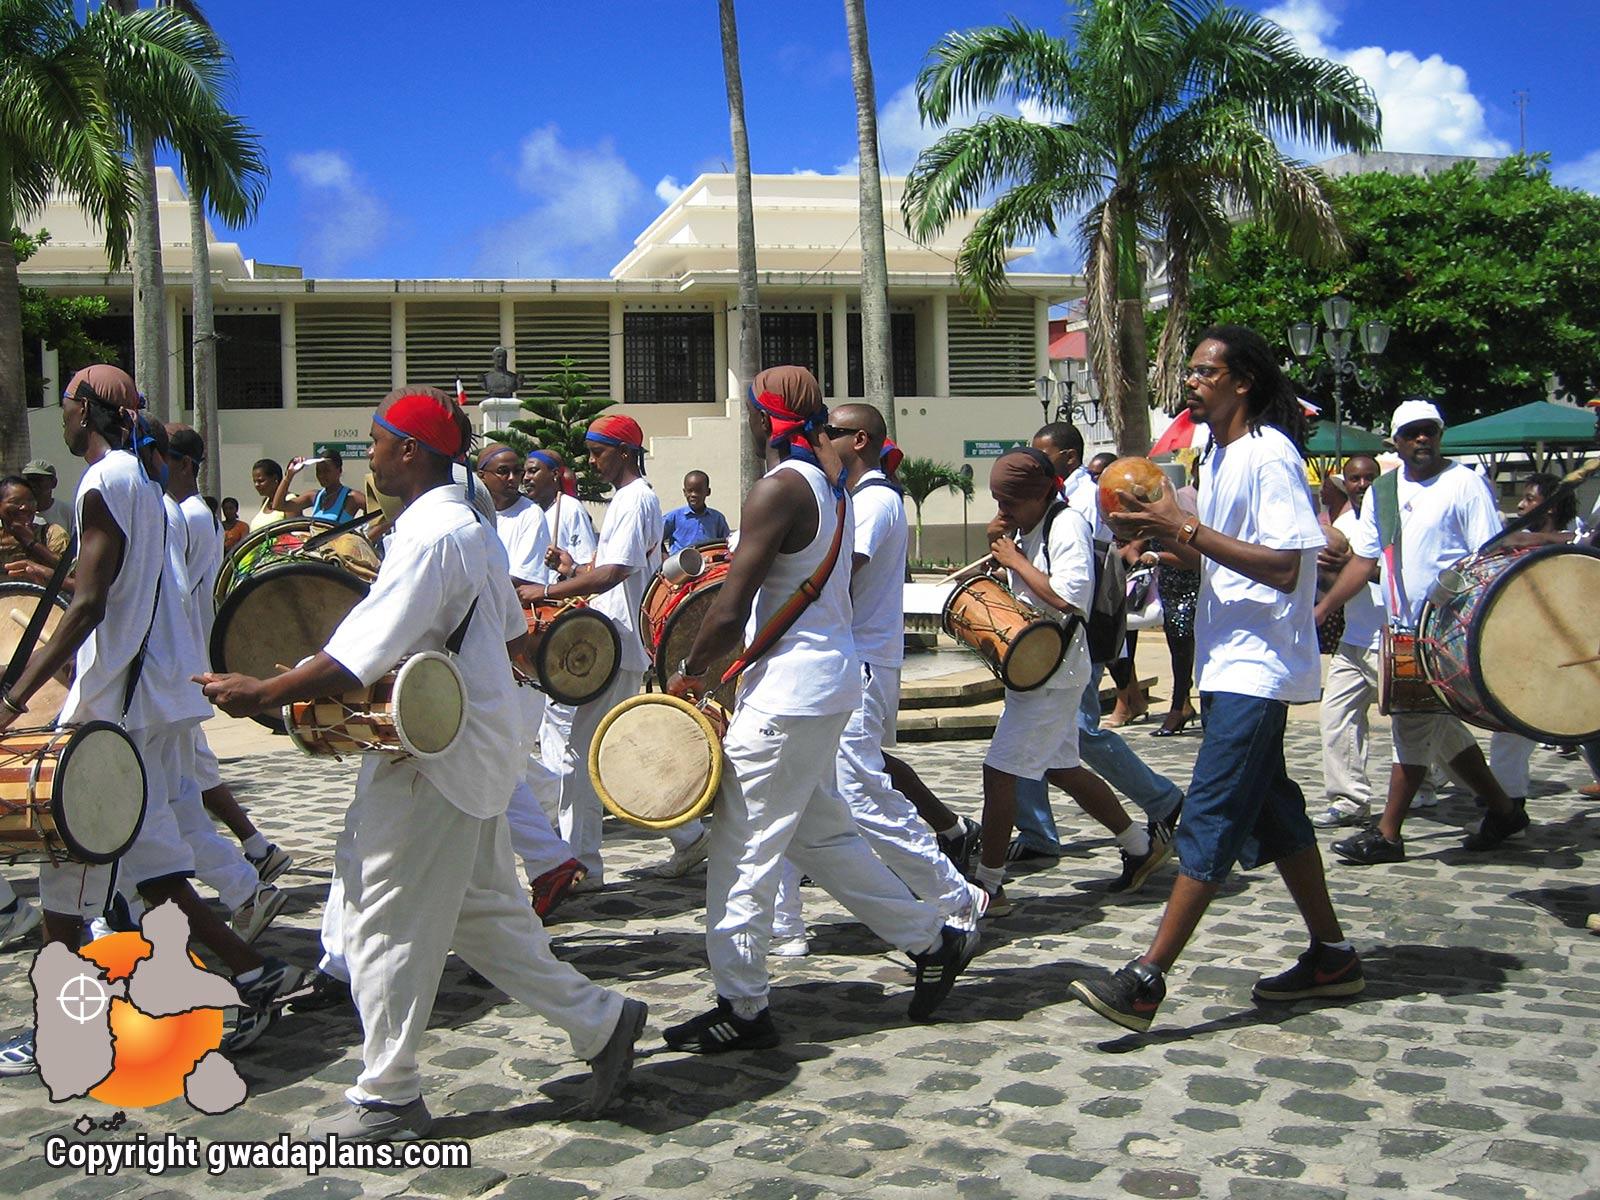 Défilé des tambouyés - Guadeloupe